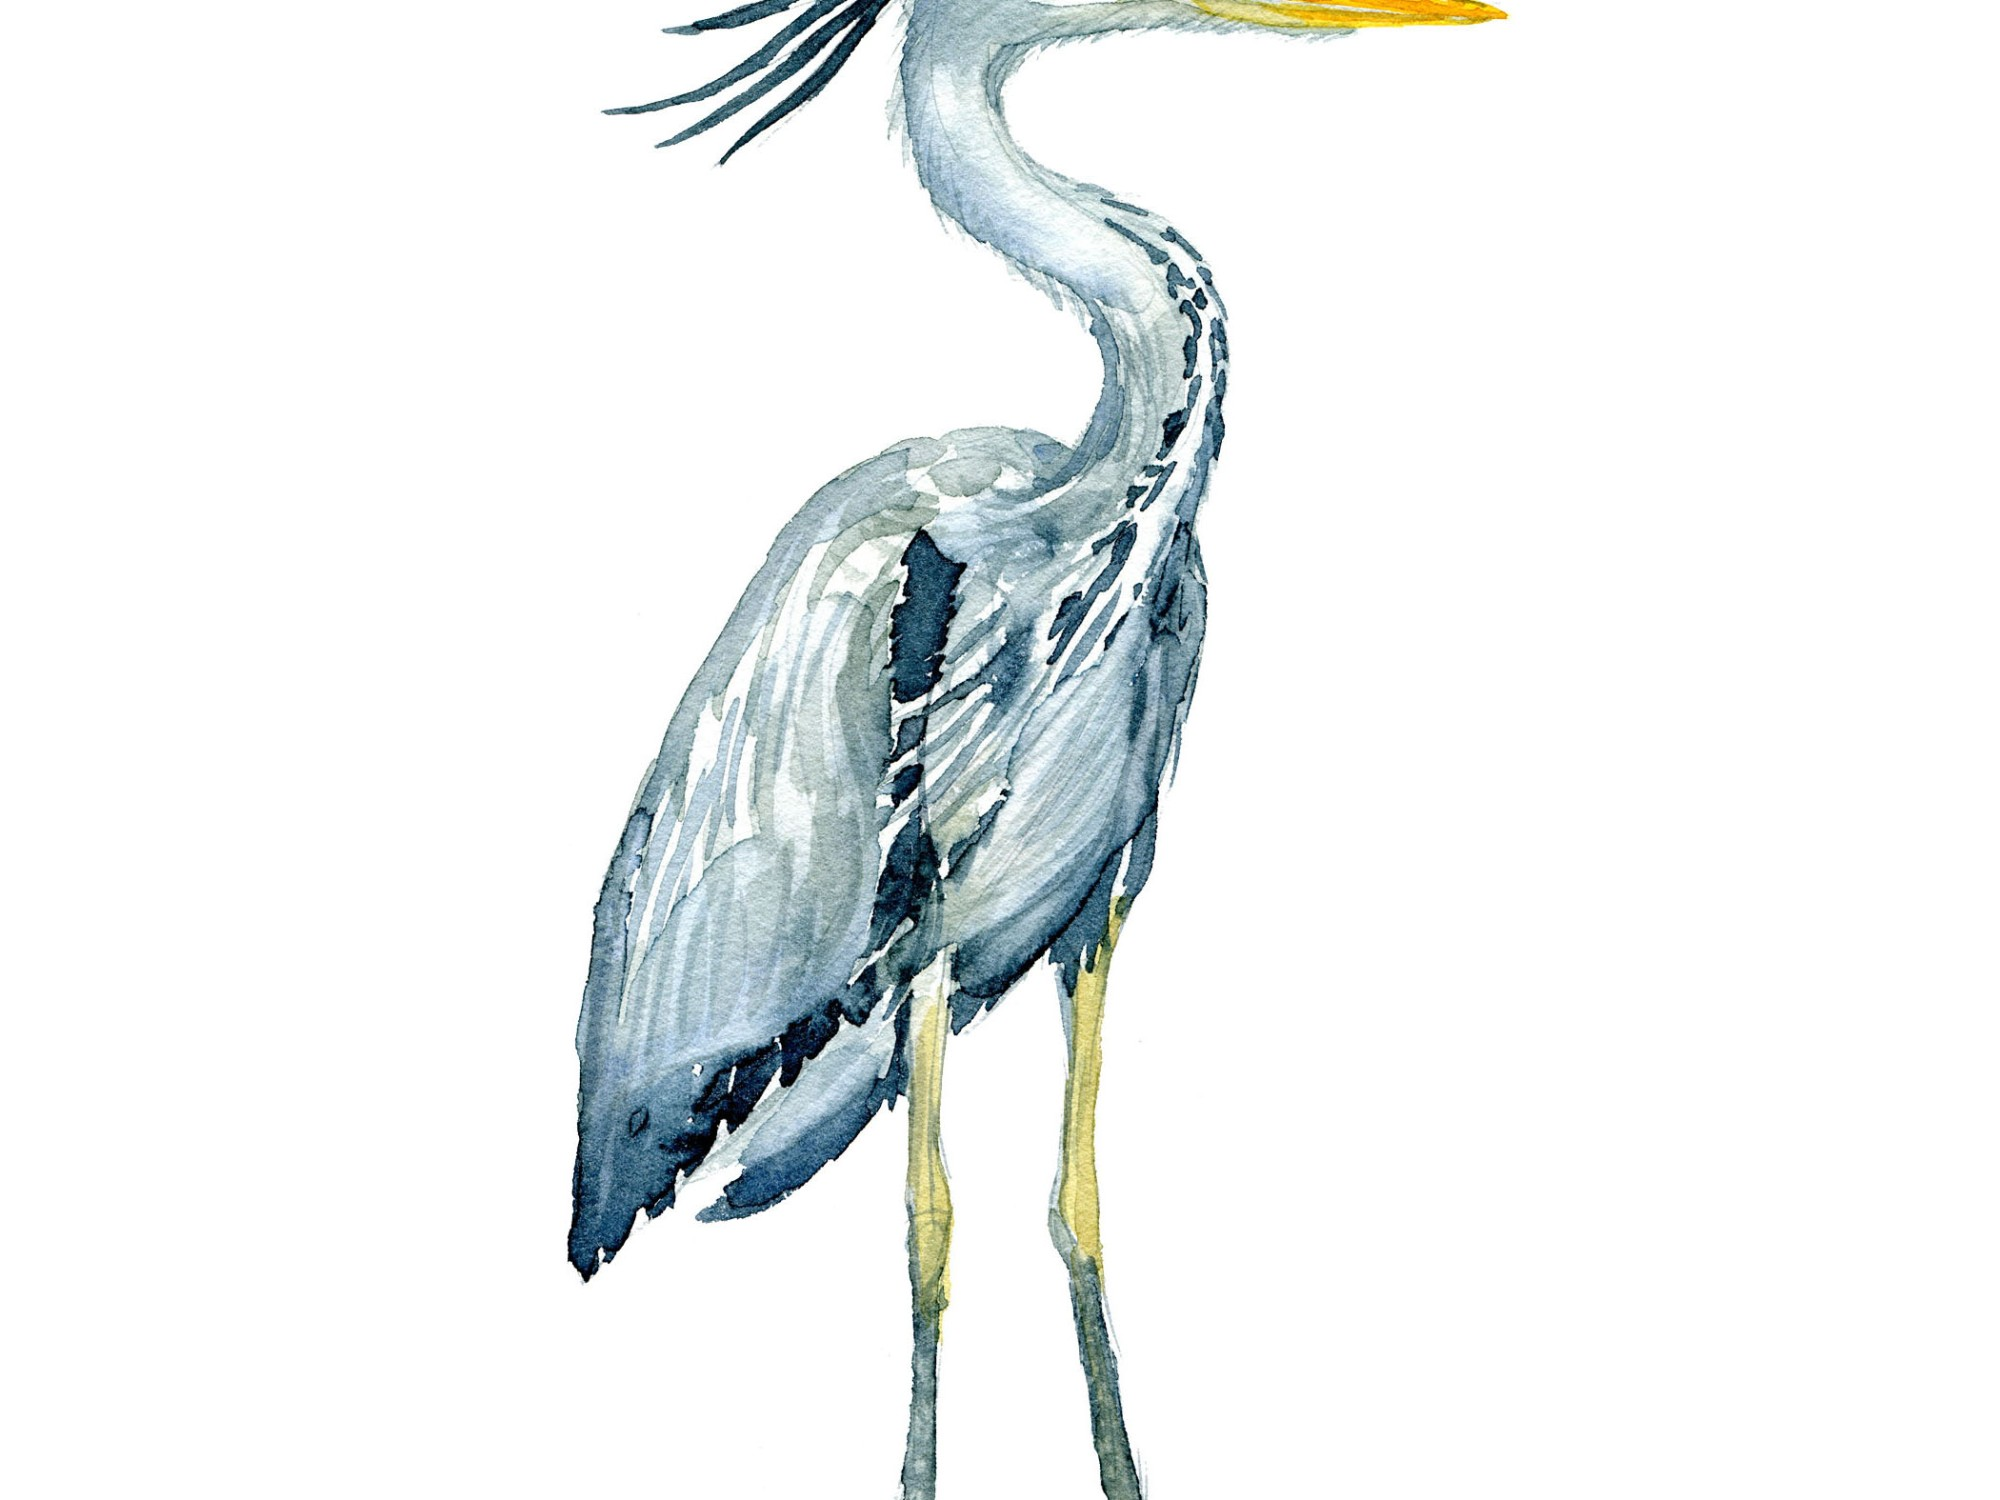 Fiskehejre fugl - Akvarel illustration af Frits Ahlefeldt, Biodiversitet i Danmark